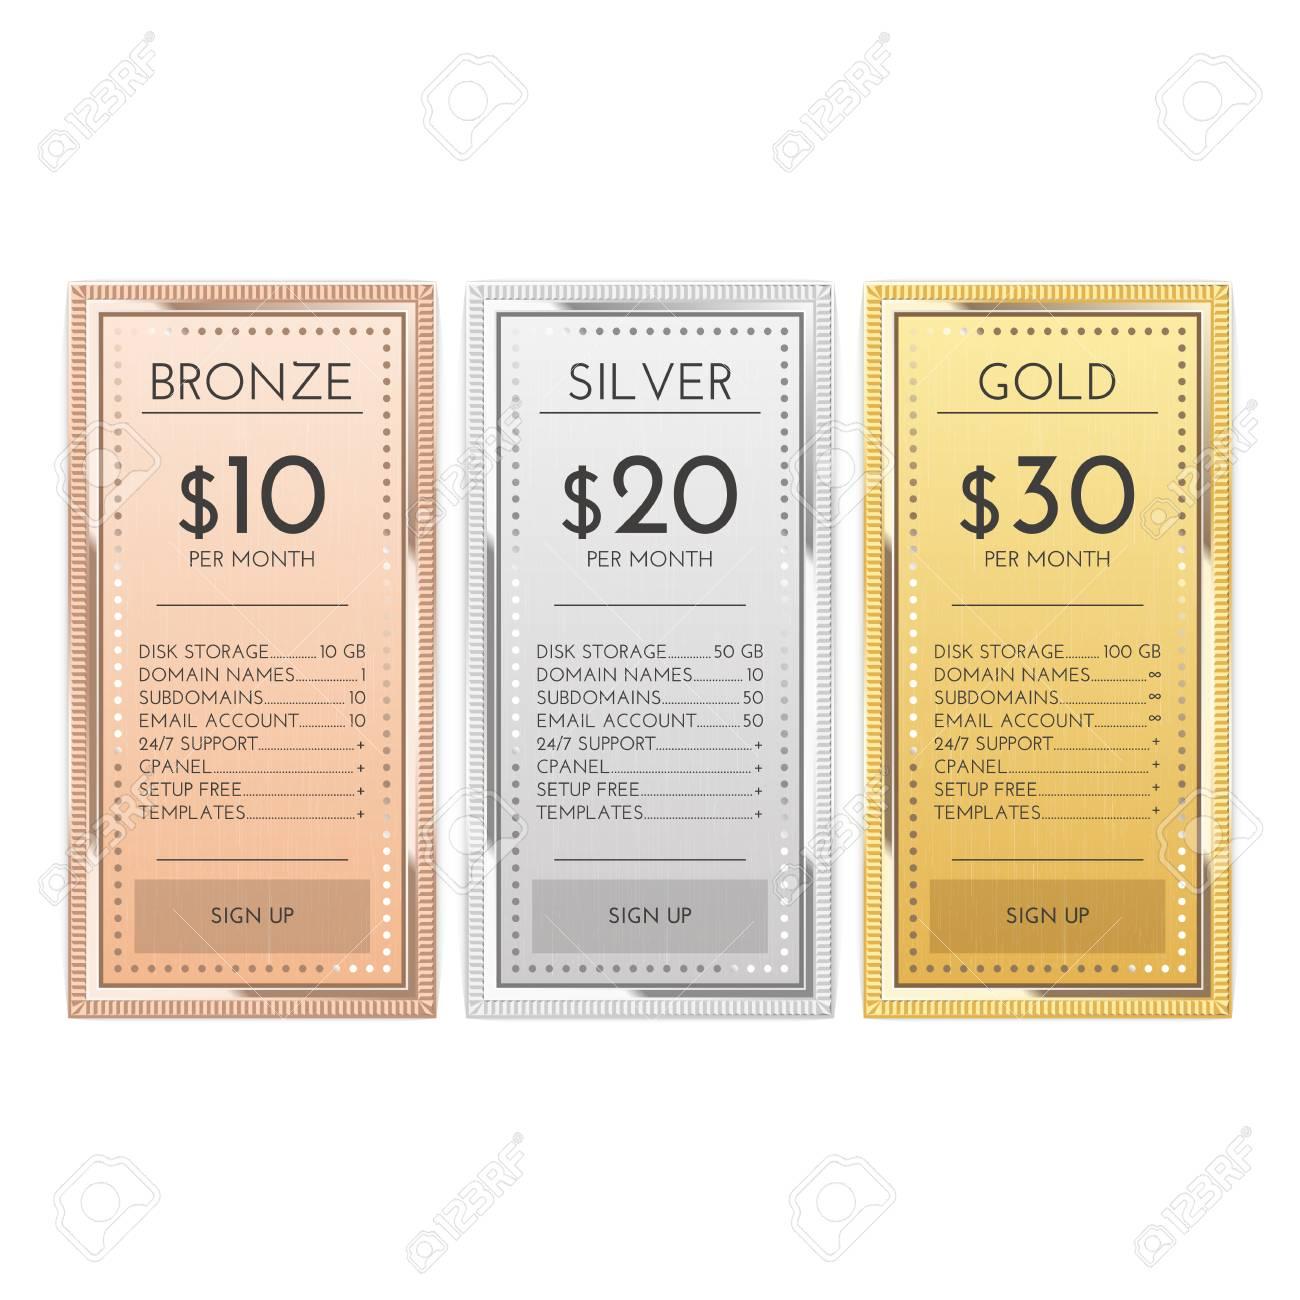 Tableau de comparaison des modèles en or, argent et bronze pour les entreprises commerciales. services et applications Web. Interface modèle de plan